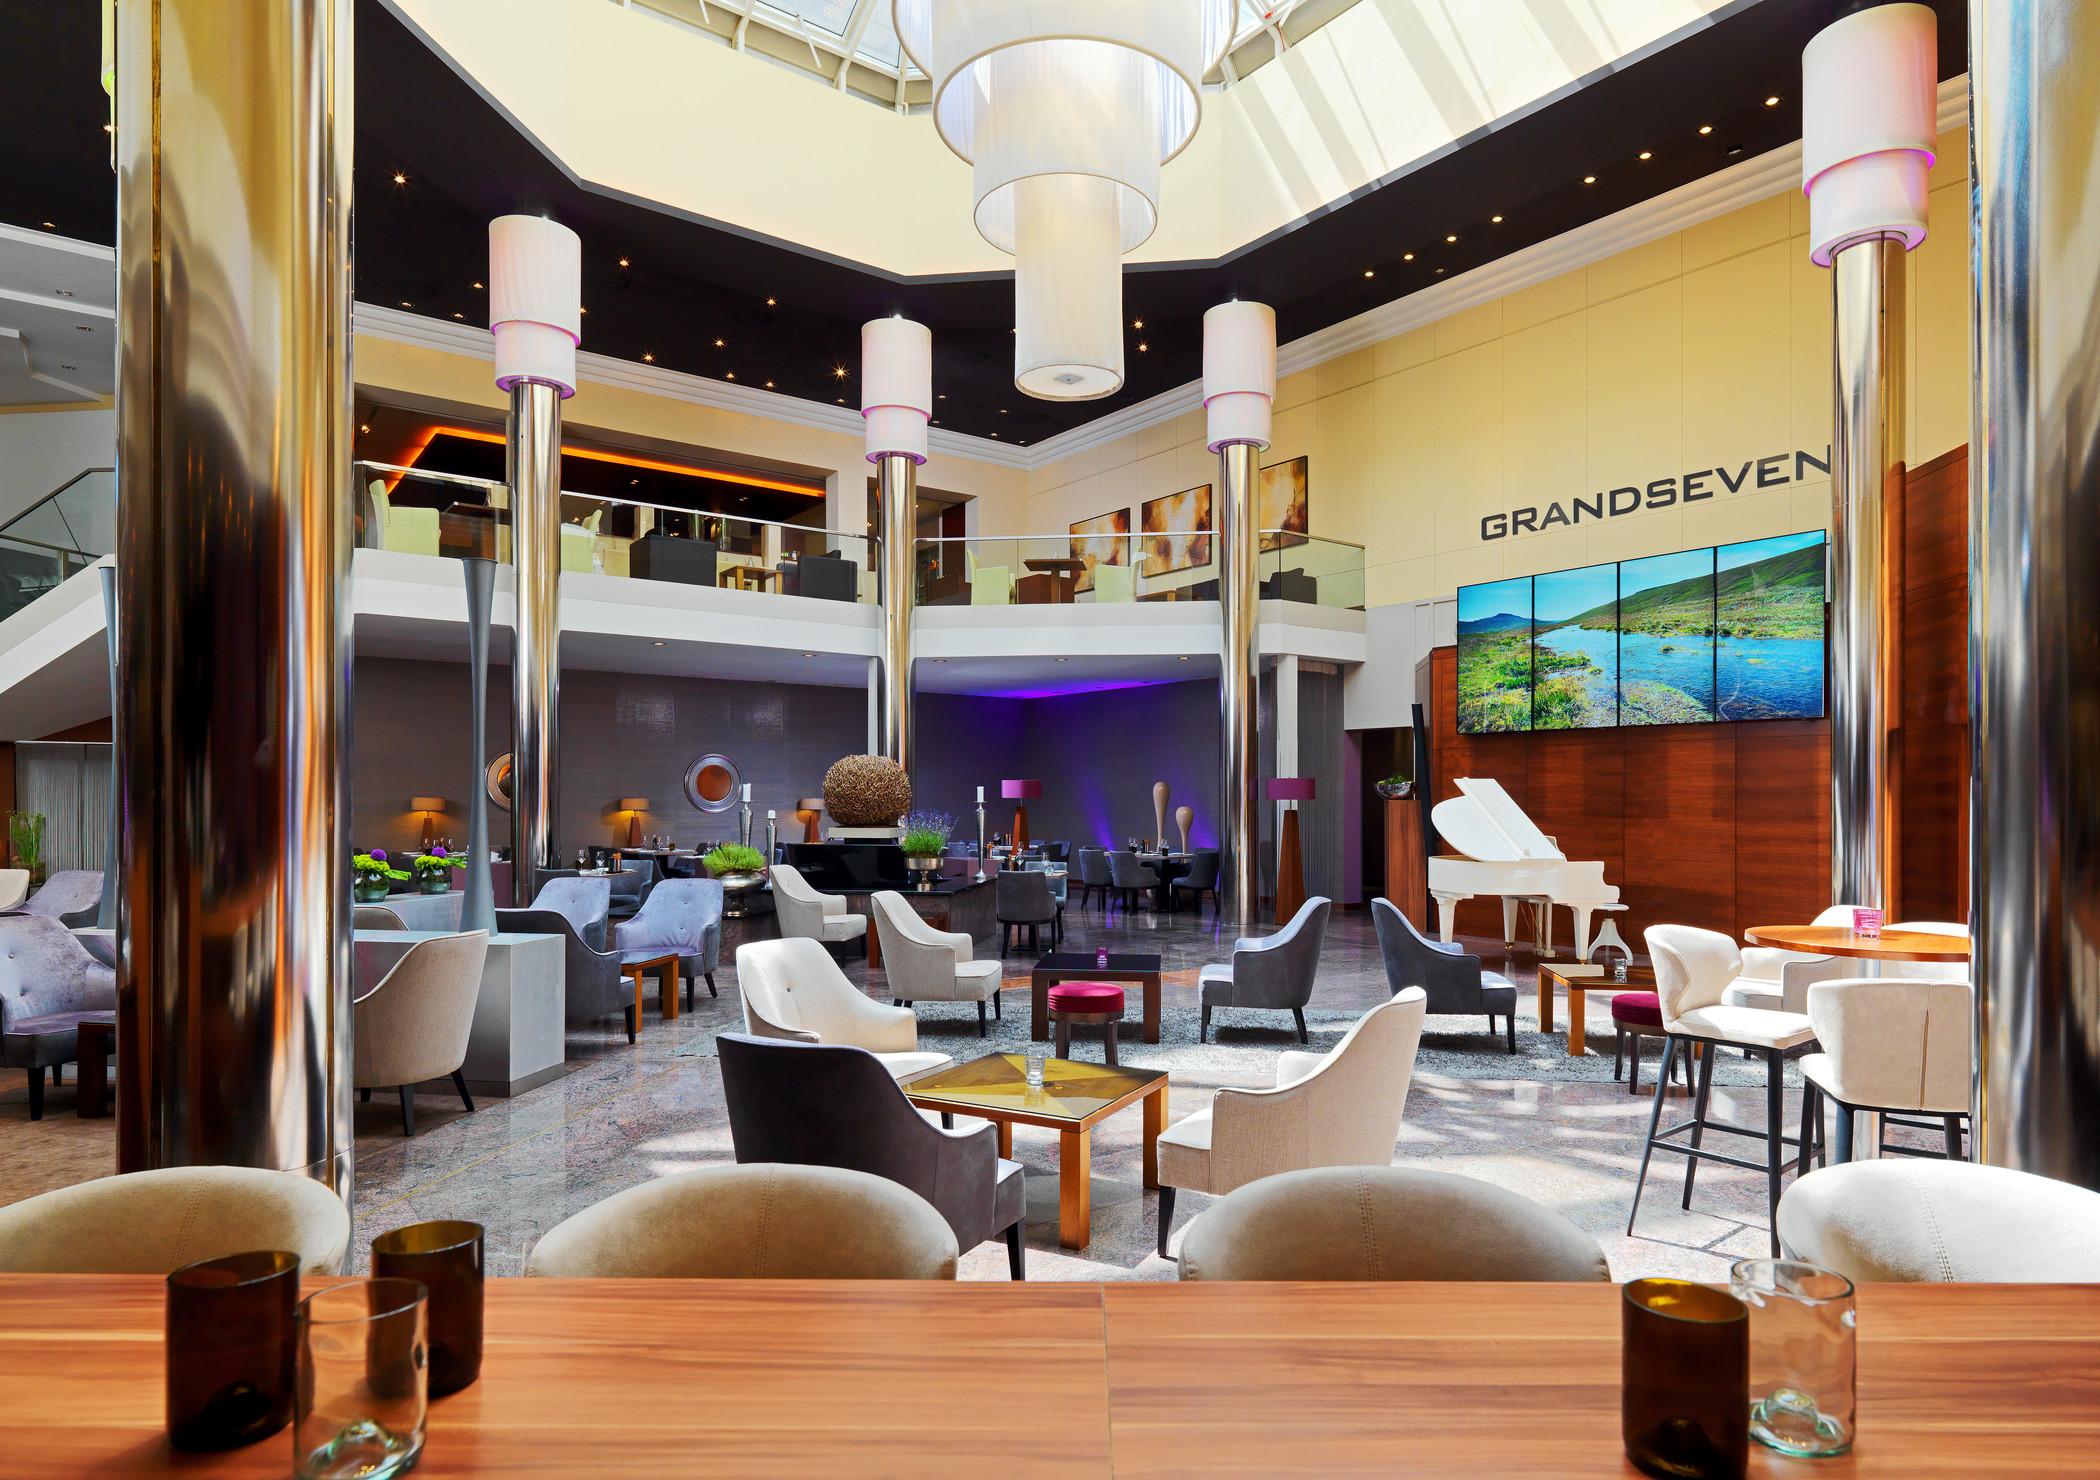 The Westin Grand Hotel GrandSeven